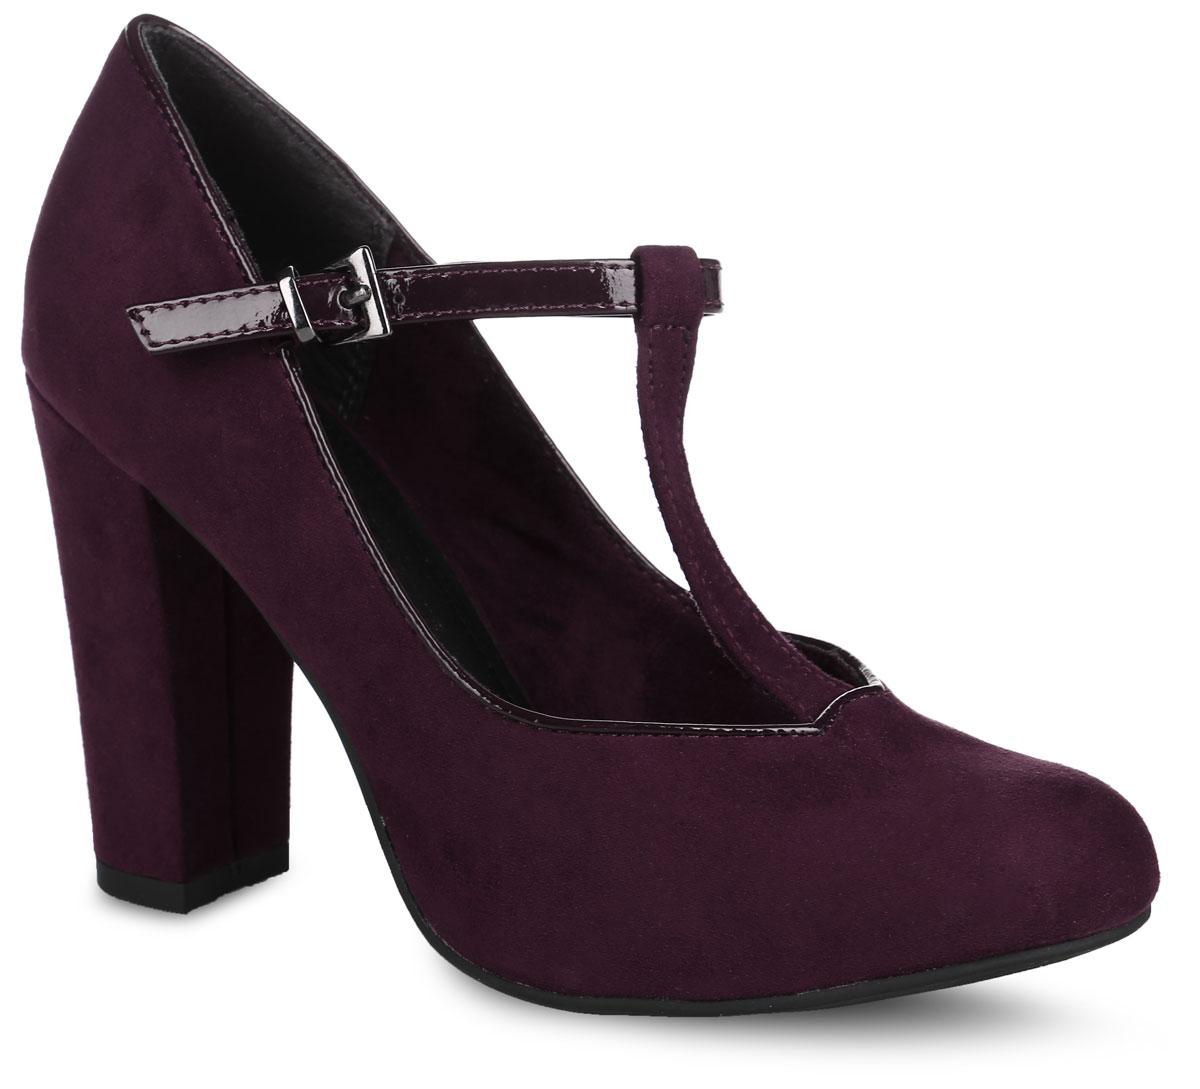 Туфли женские. 2-2-24404-27-5502-2-24404-27-550Стильные туфли от Marco Tozzi не оставят равнодушной настоящую модницу! Модель выполнена из текстиля. Закругленный носок придает элегантность. Внутренняя поверхность из текстиля не натирает. Т-образный ремешок с металлической пряжкой надежно зафиксирует модель на ноге. Мягкая стелька из искусственной кожи принимает форму стопы и обеспечивает этим максимальный комфорт. Высокий каблук невероятно устойчив. Каблук и подошва с рифлением обеспечивают идеальное сцепление с любыми поверхностями. Элегантные туфли внесут изысканные нотки в ваш образ и подчеркнут вашу утонченную натуру.